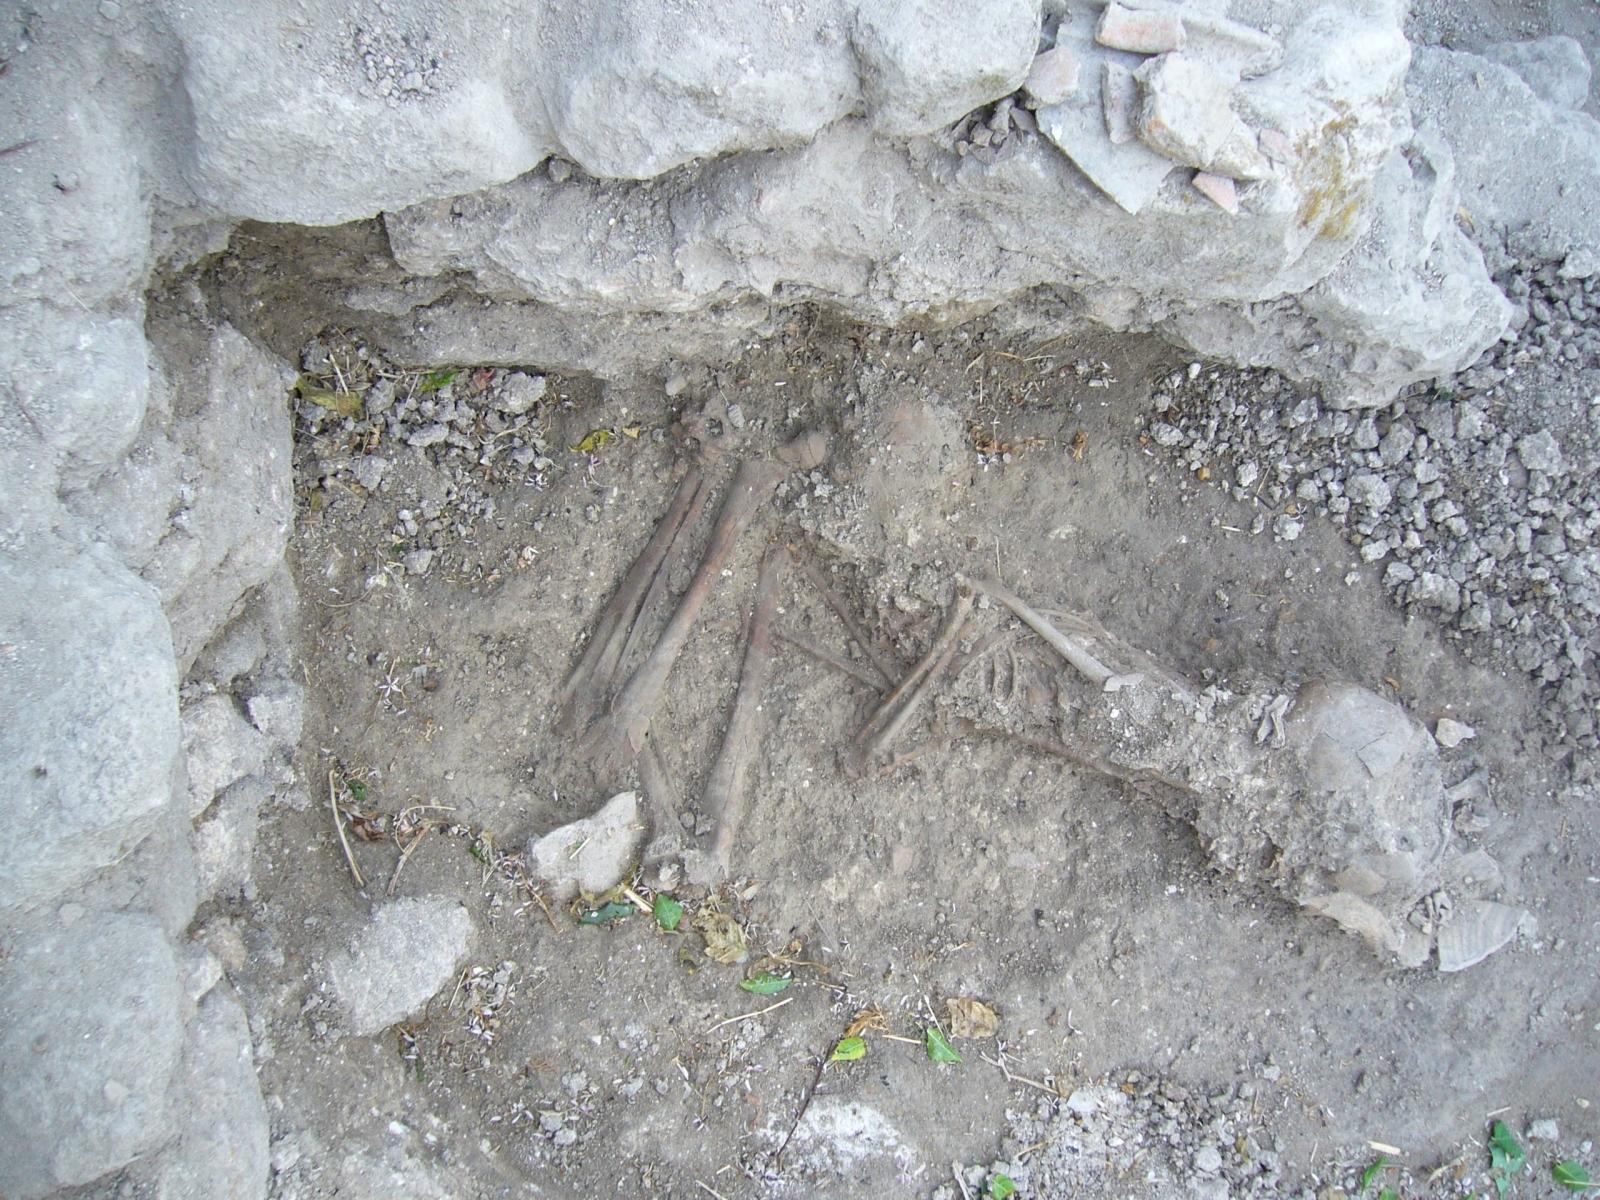 Canaanite burial